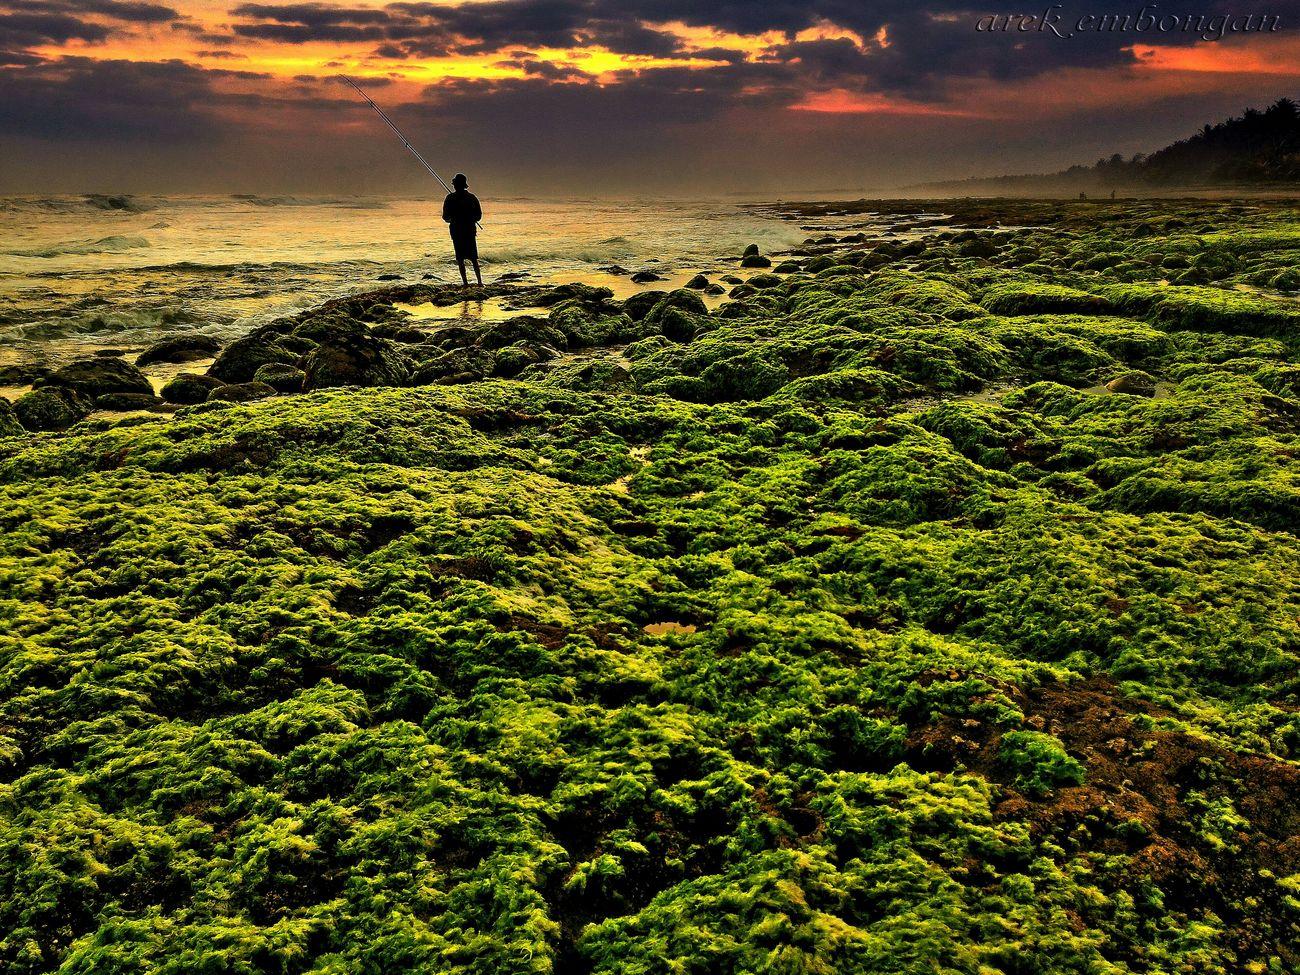 Summer Views Landscape #Nature #photography Landscape_Collection Landscape, Seascape, Peggy's Cove, Peaceful Nature And Lanscapes Lanscape #trees #sunset #wood #winter #sky Sunset_collection Landscape Lanscape Photography Sunset Silhouettes